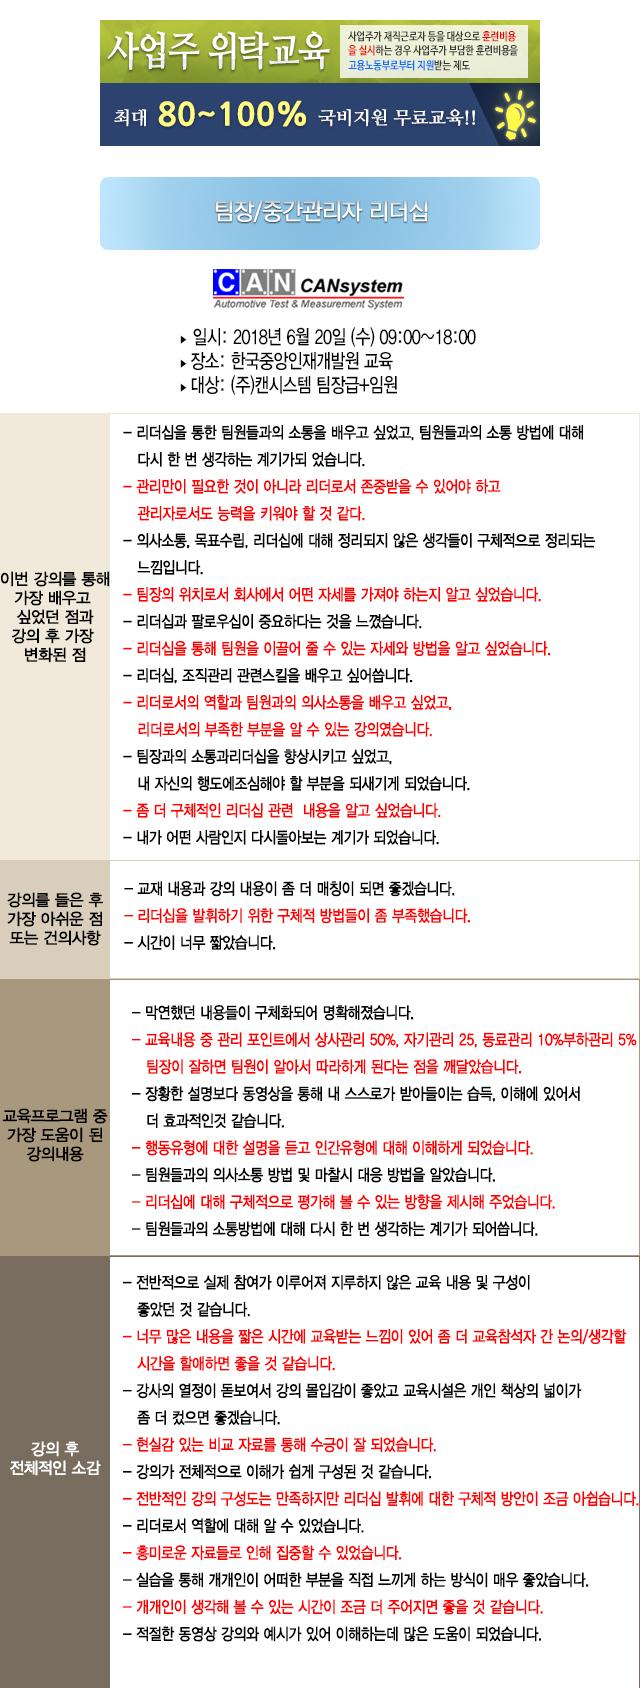 한국중앙인재개발원 후기 캔시스템.jpg